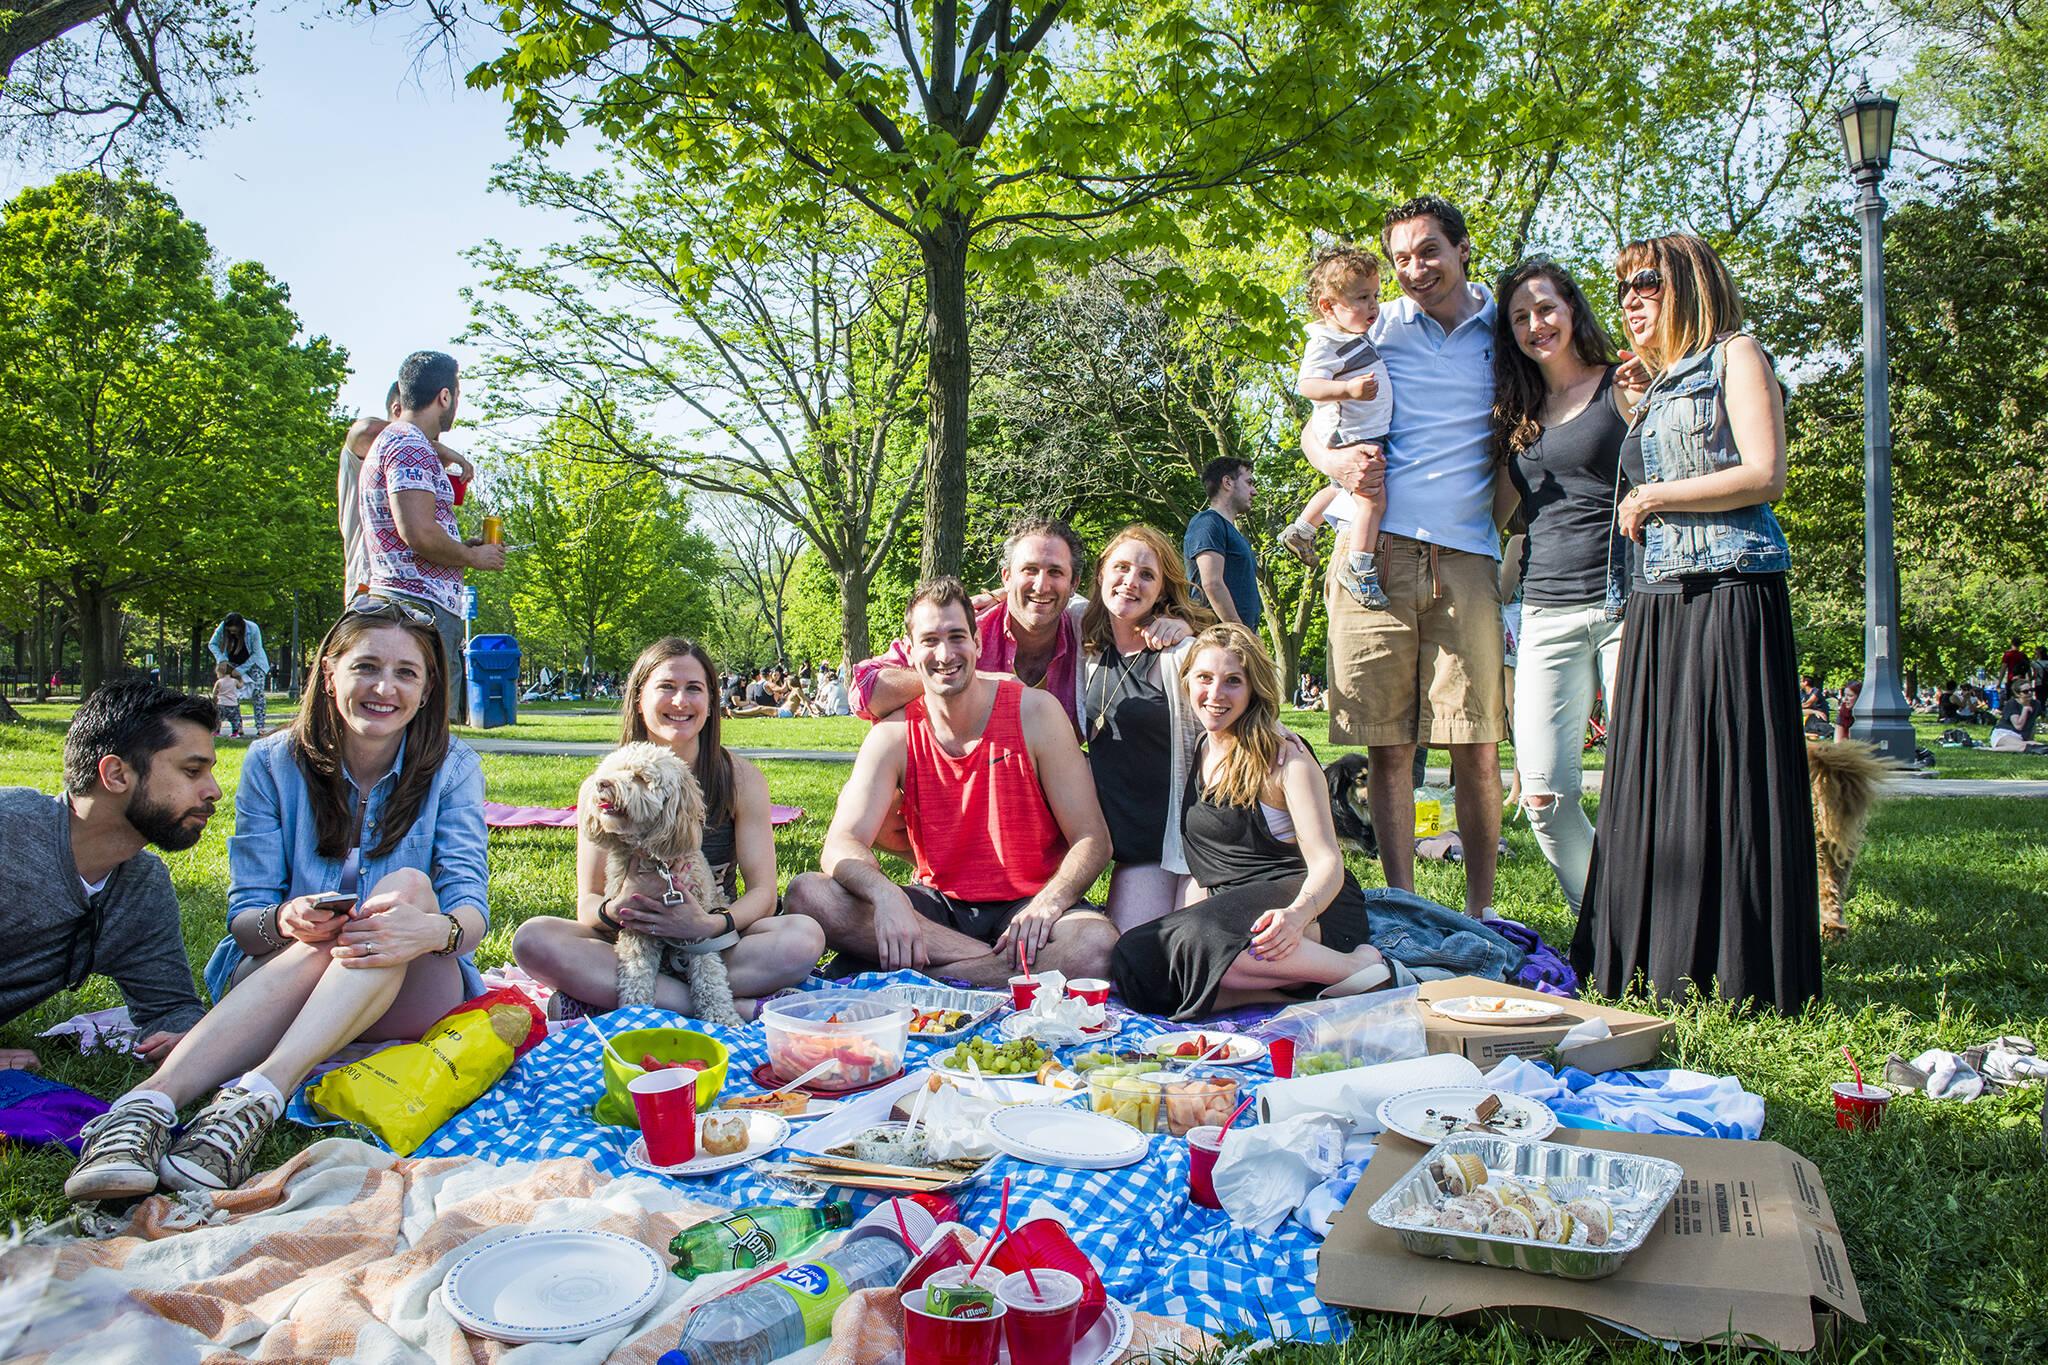 park picnic toronto